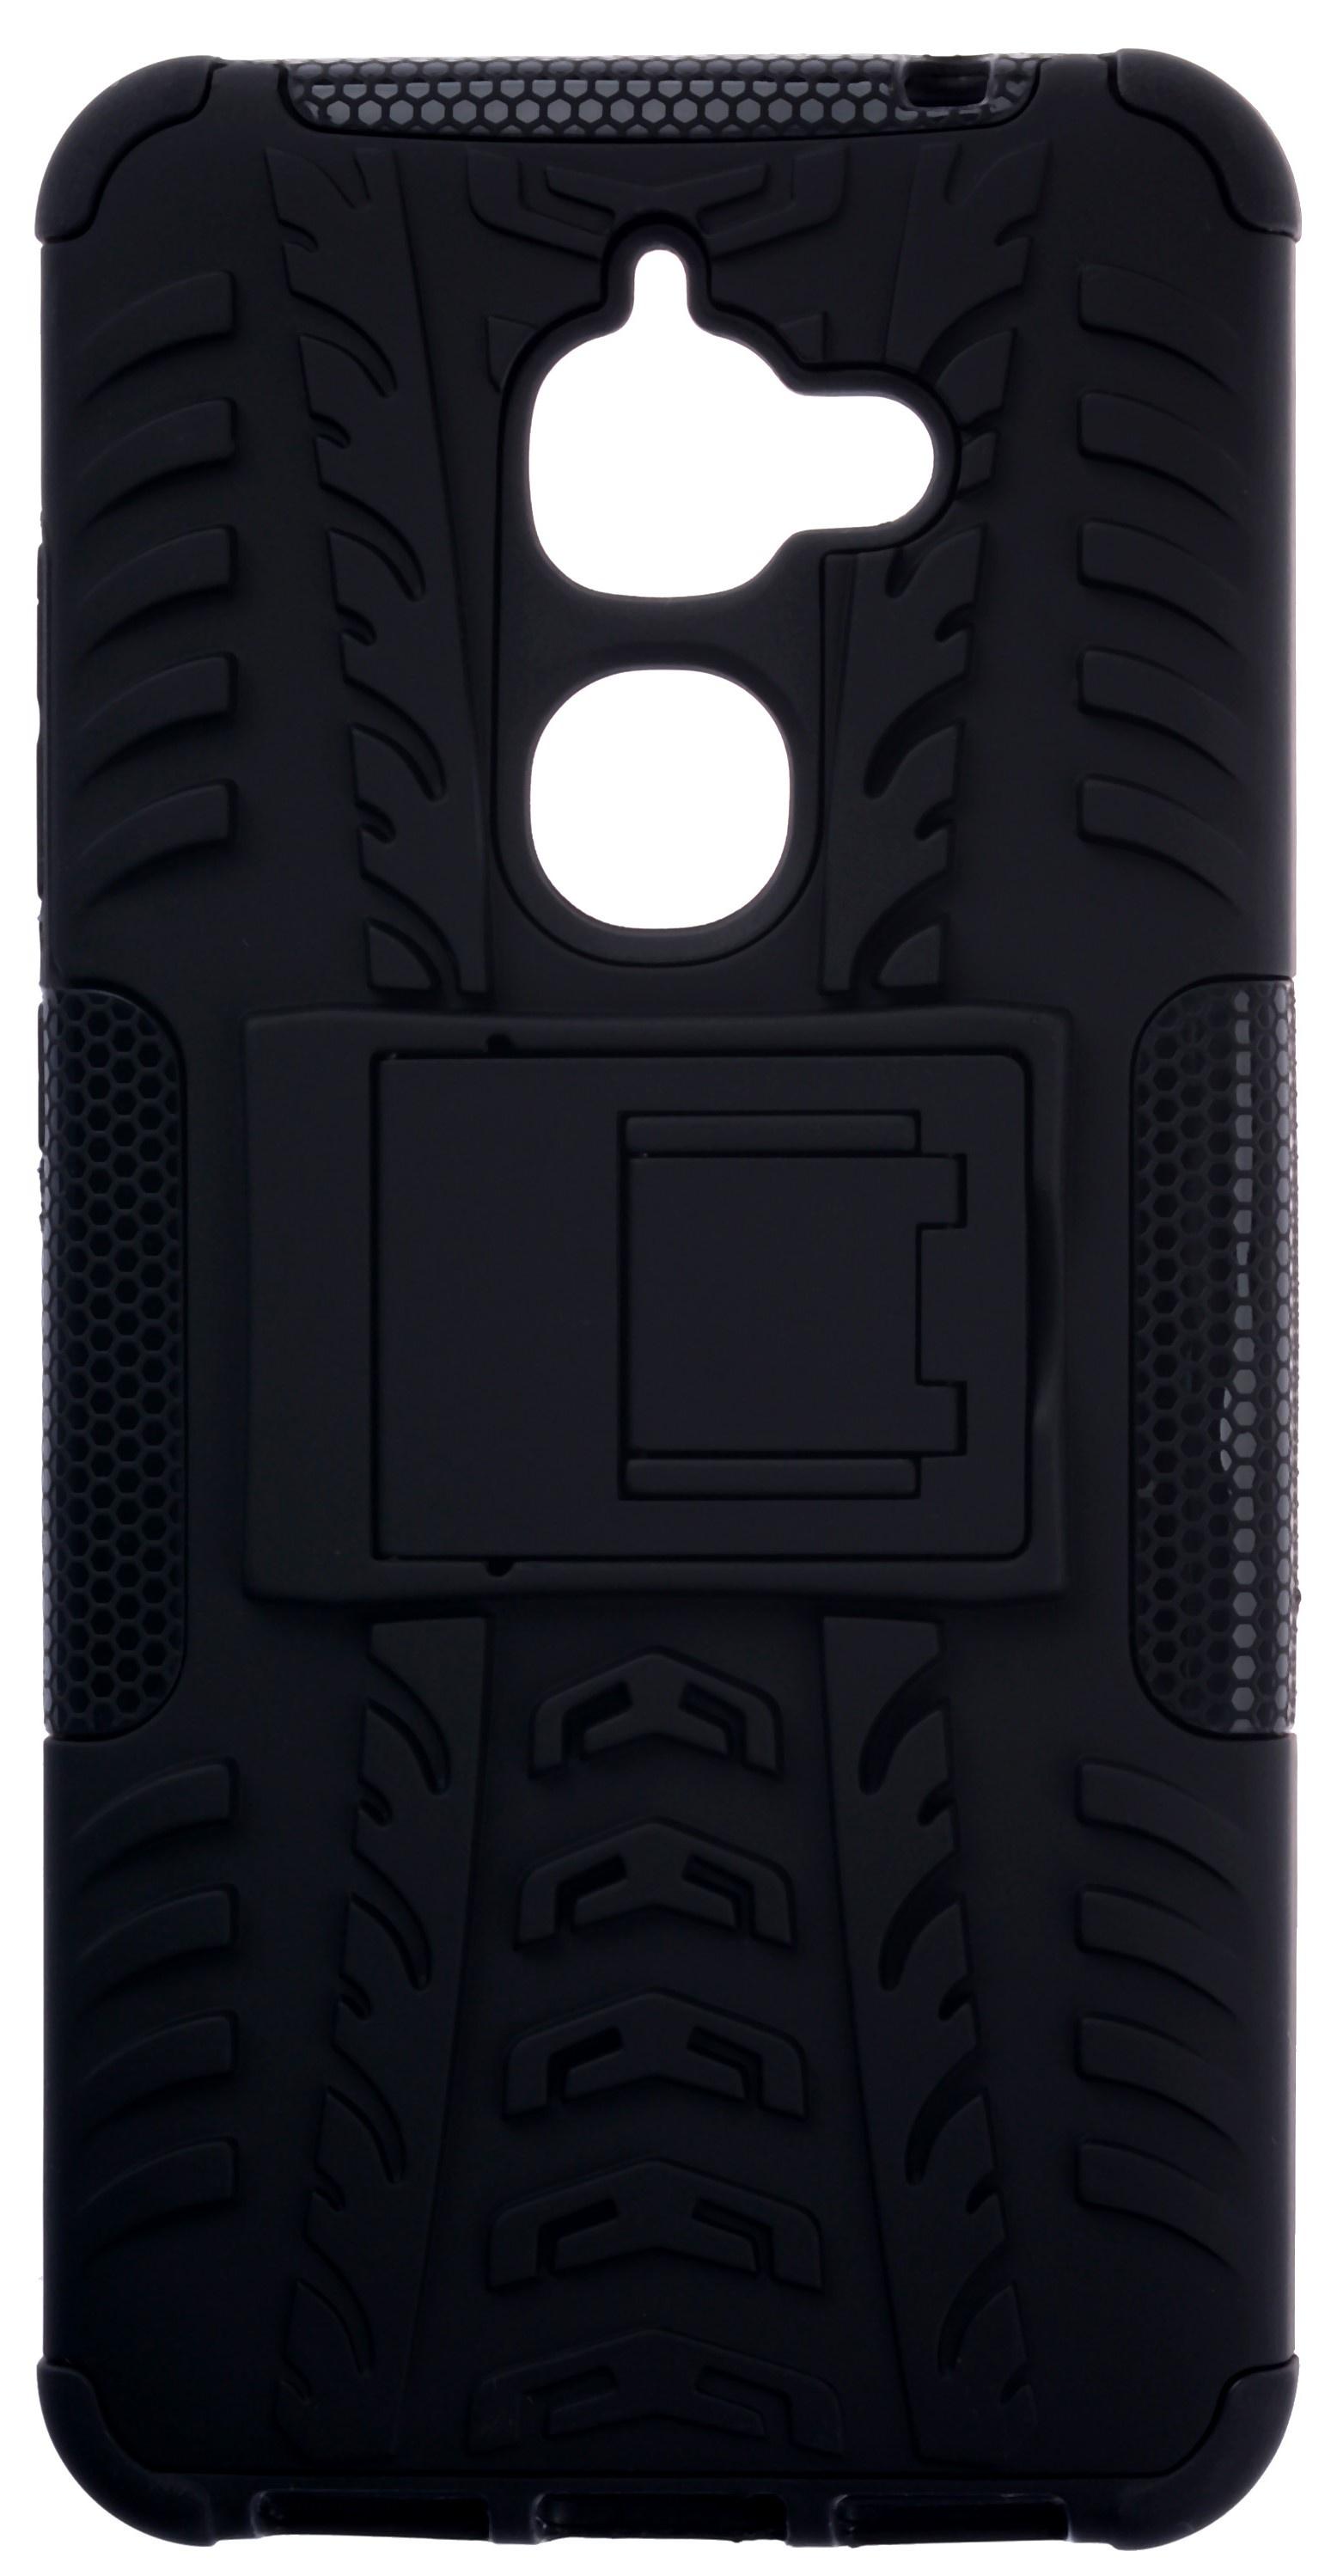 Чехол для сотового телефона skinBOX Defender, черный